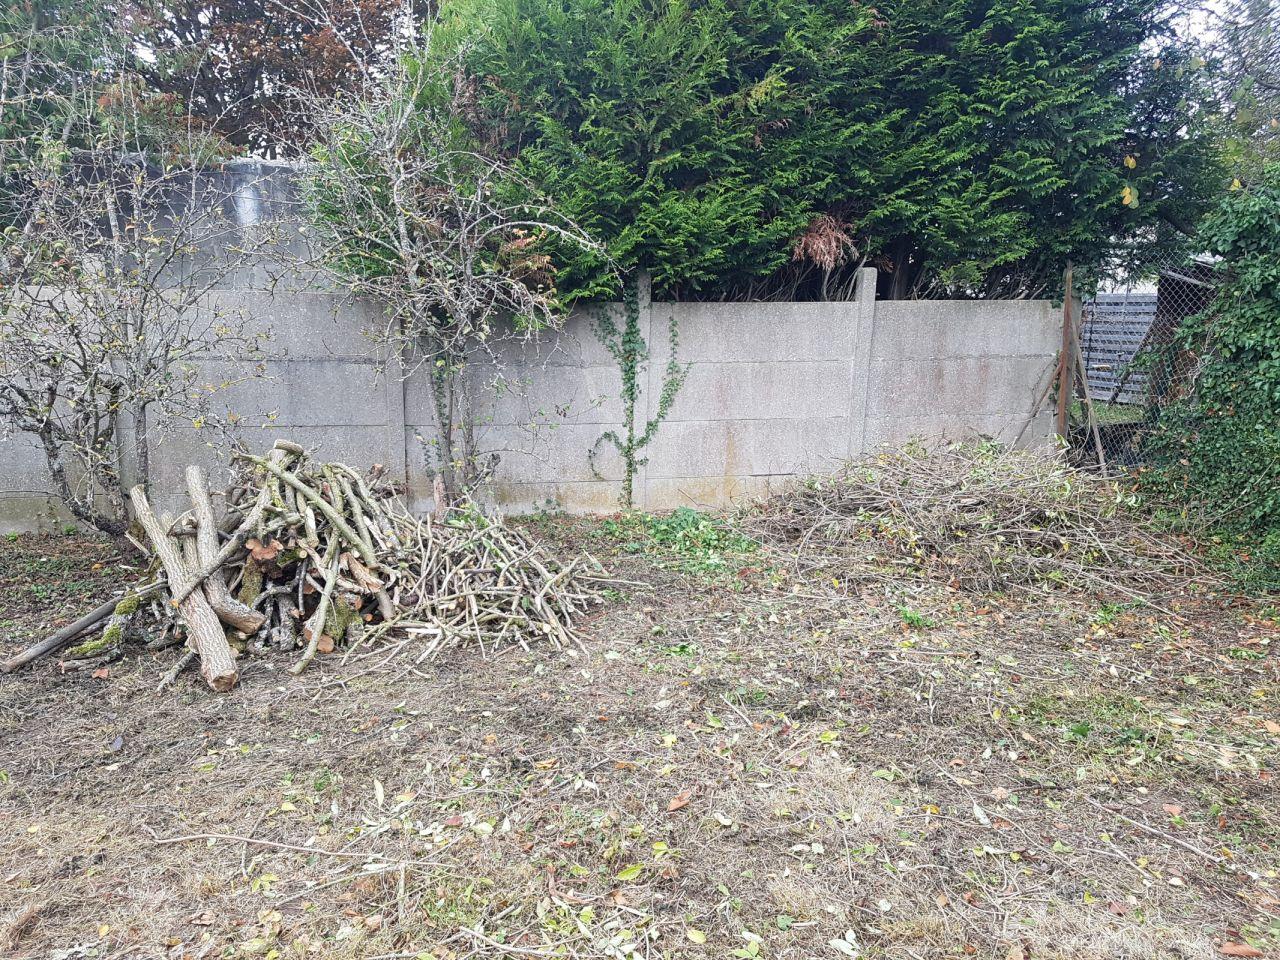 Nettoyage du terrain, tas de branches